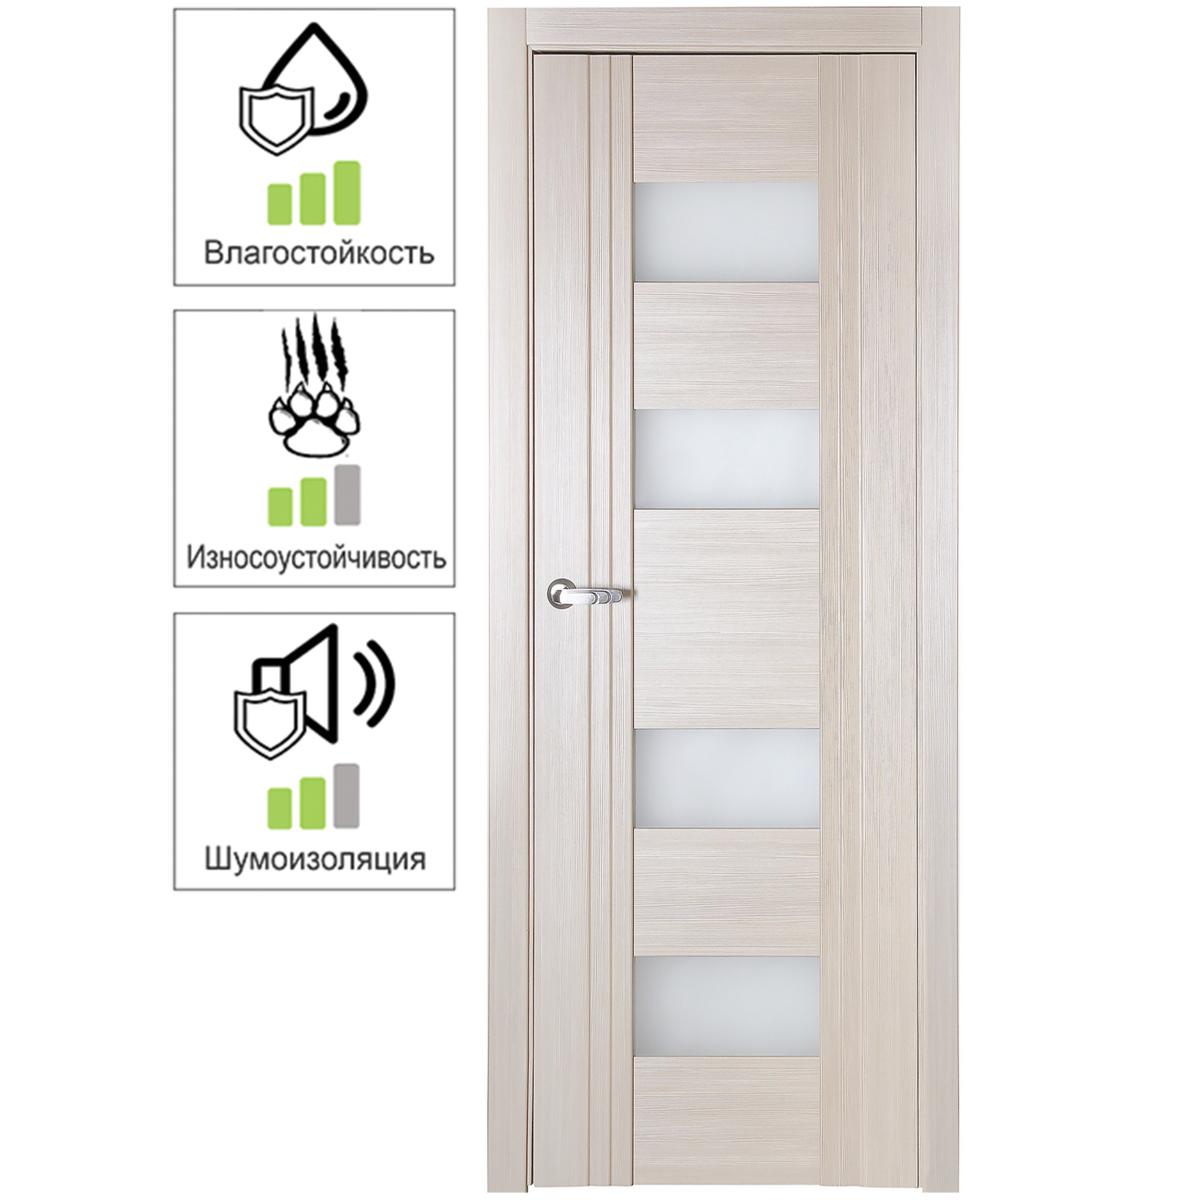 Дверь межкомнатная остеклённая с замком в комплекте Селект 90x200 см